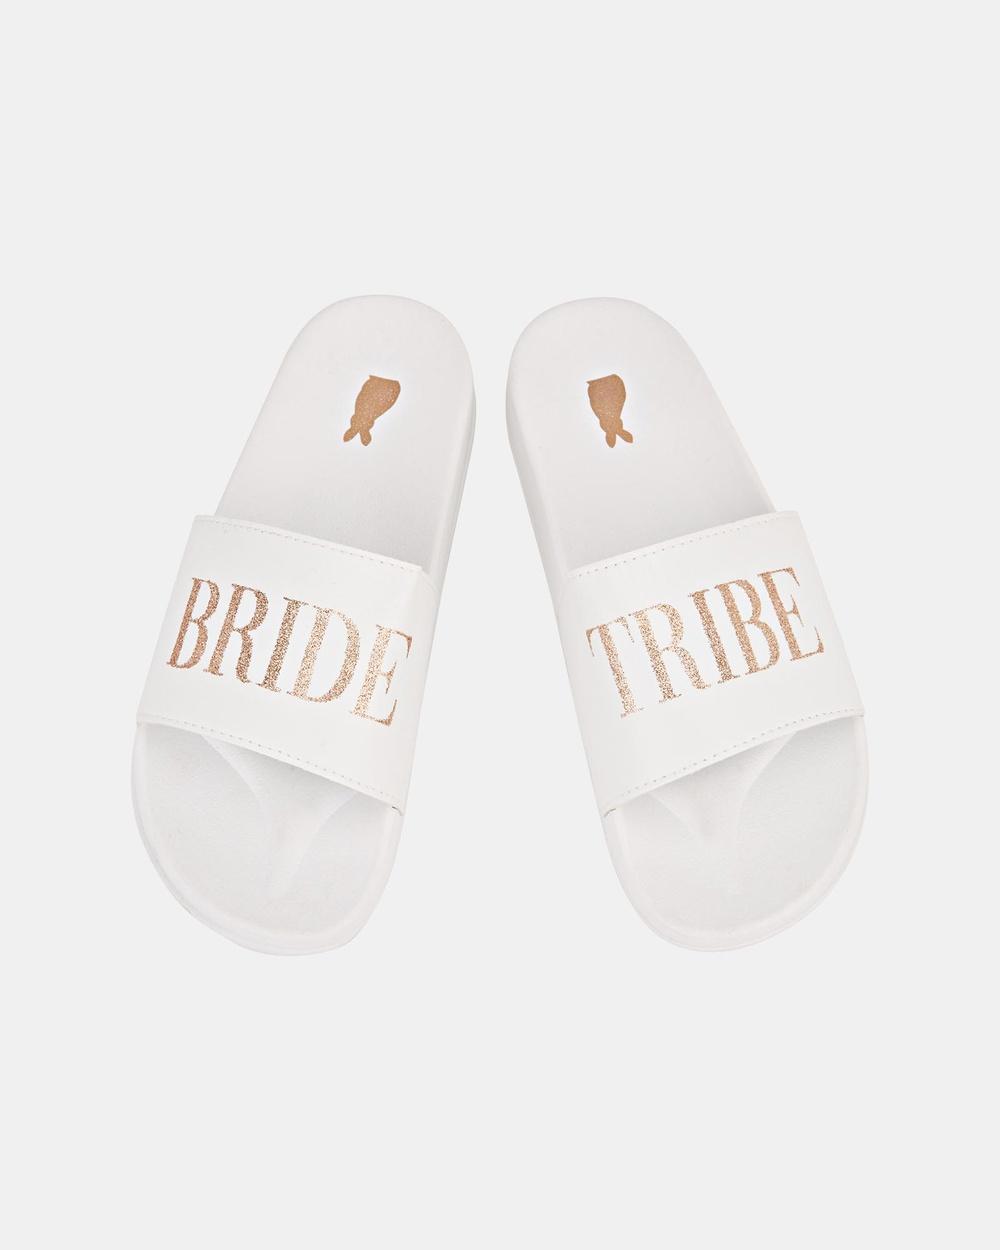 Ann Summers Bride Tribe Sliders Slides White